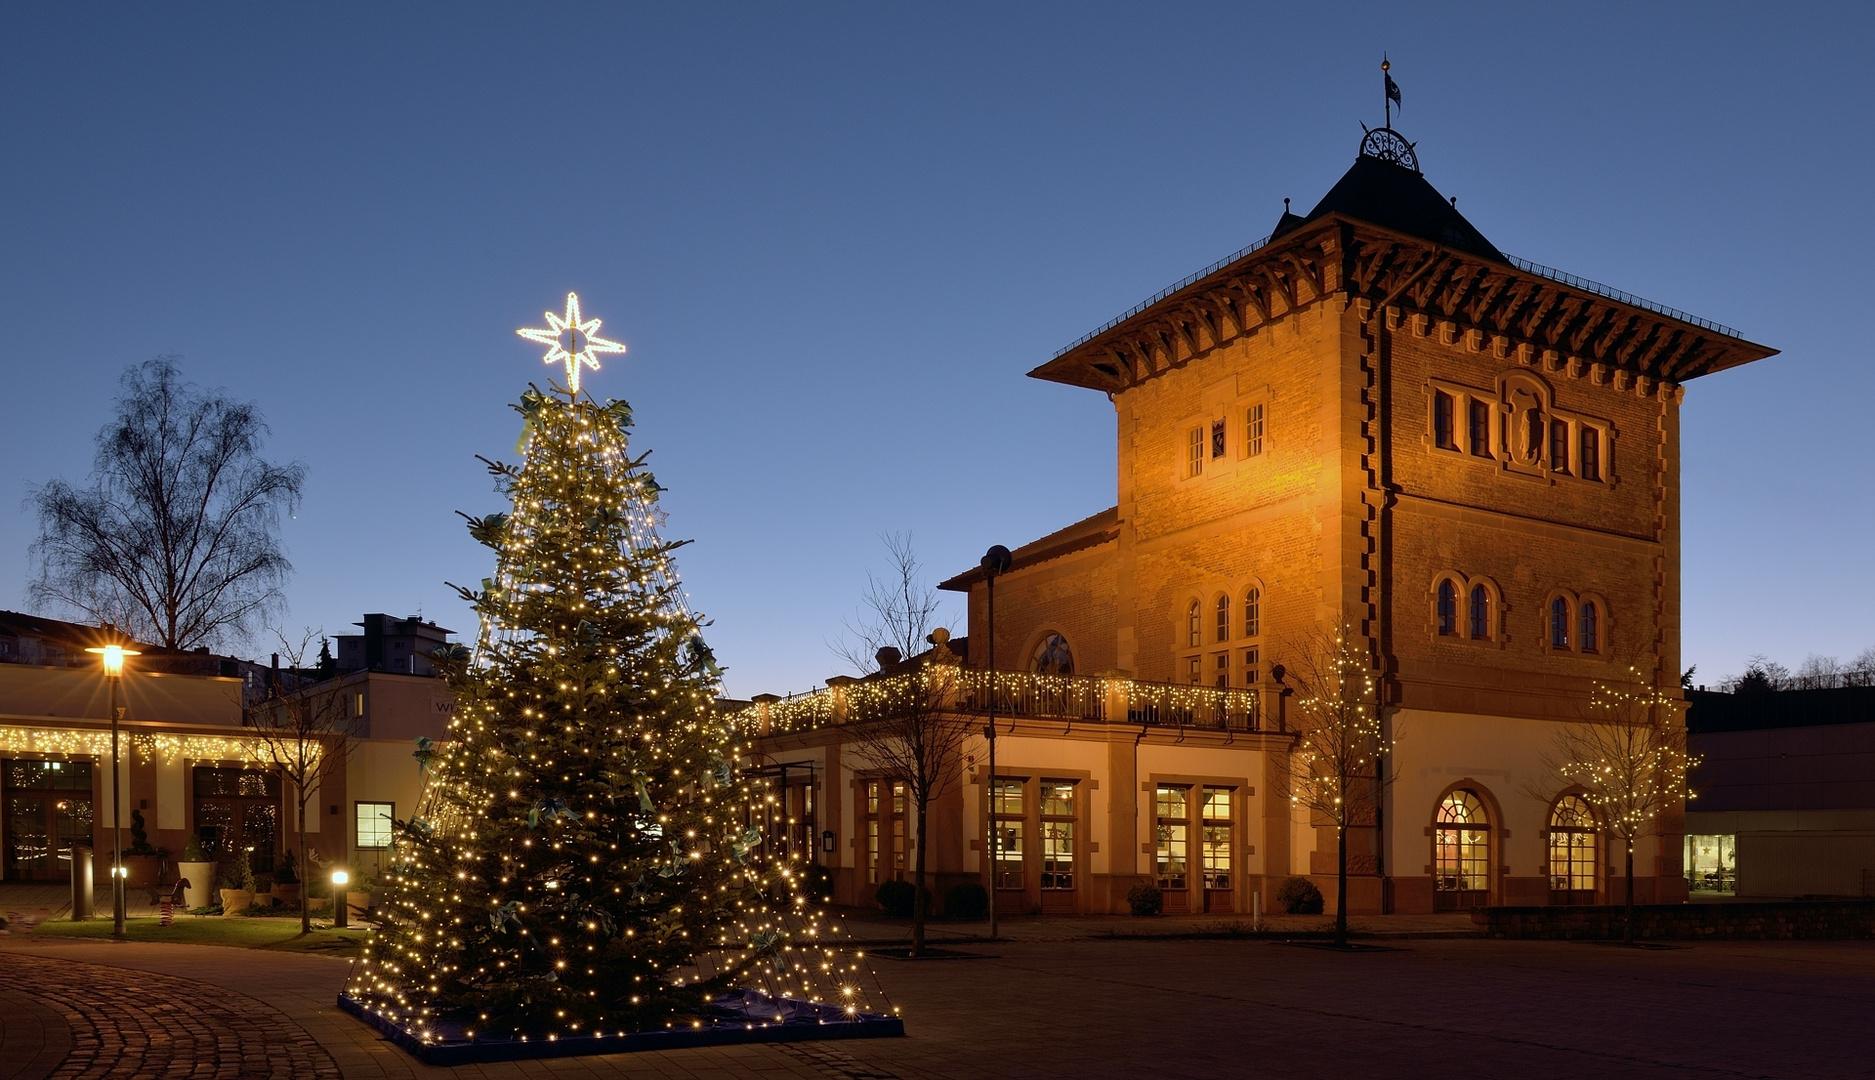 Frohe Weihnachten Berlin.Frohe Weihnachten Zu Wünschen Fällt Einem Schwer Nach Dem